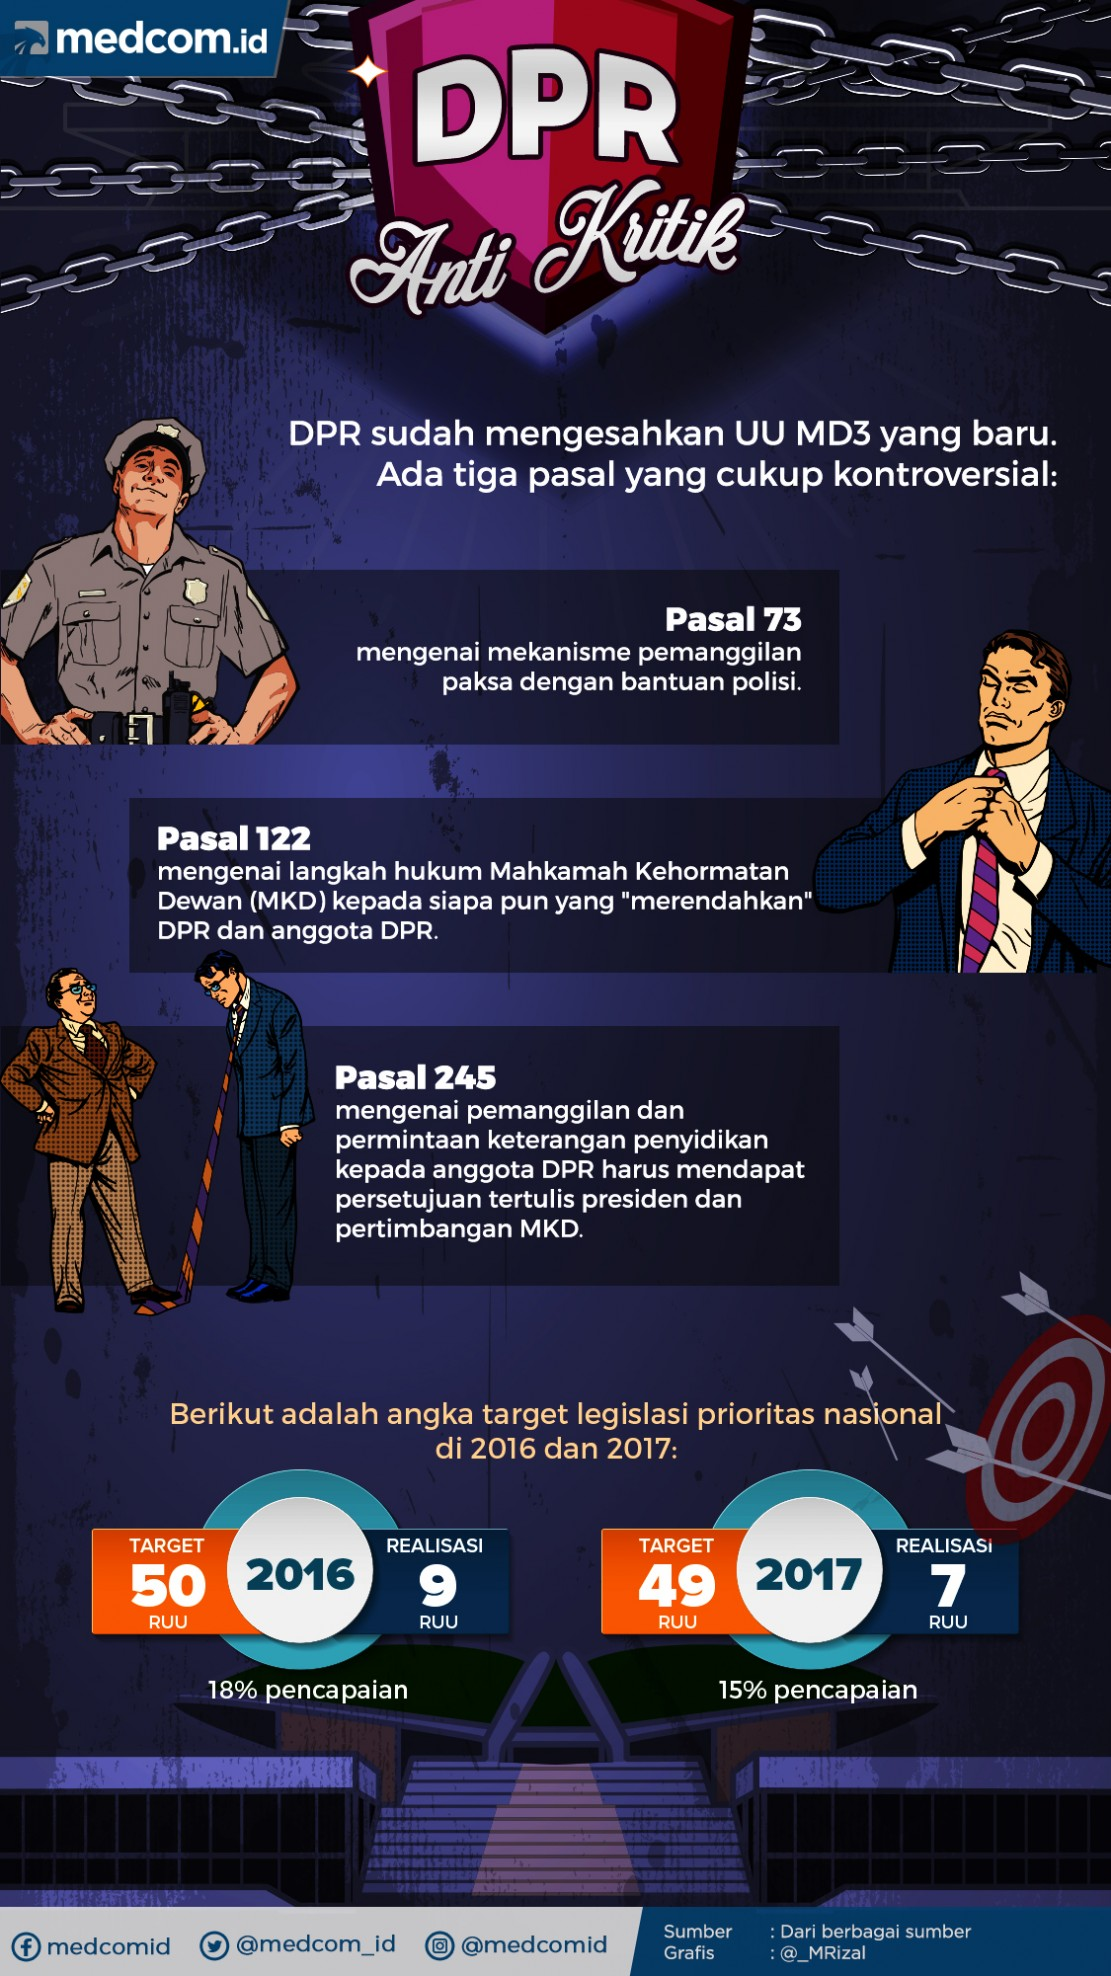 Infografik: DPR yang Antikritik